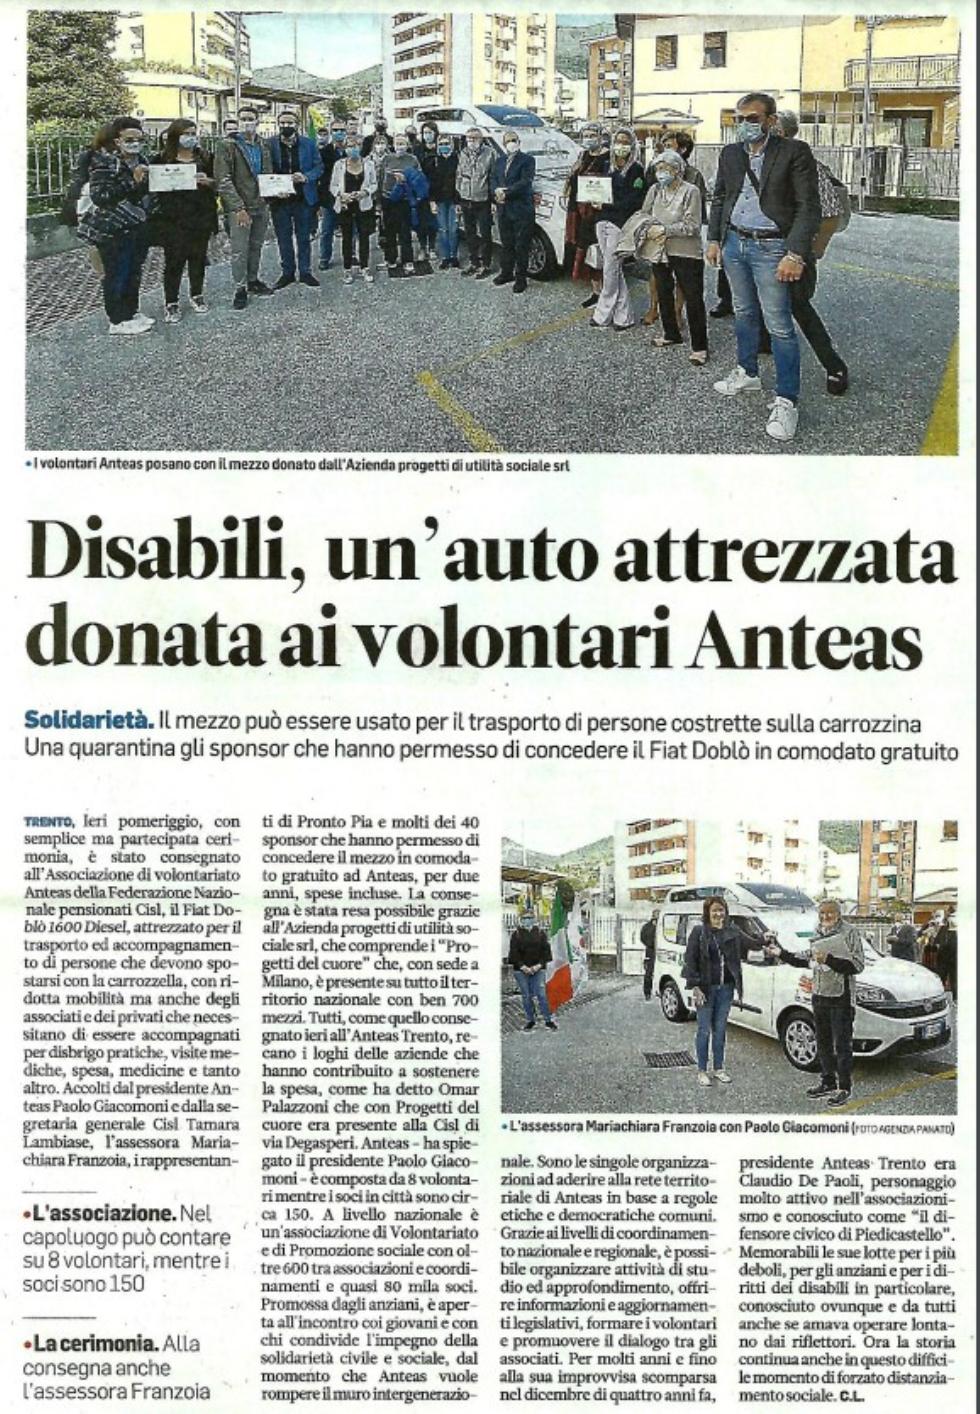 Un'auto attrezzata donata ad Anteas Trento